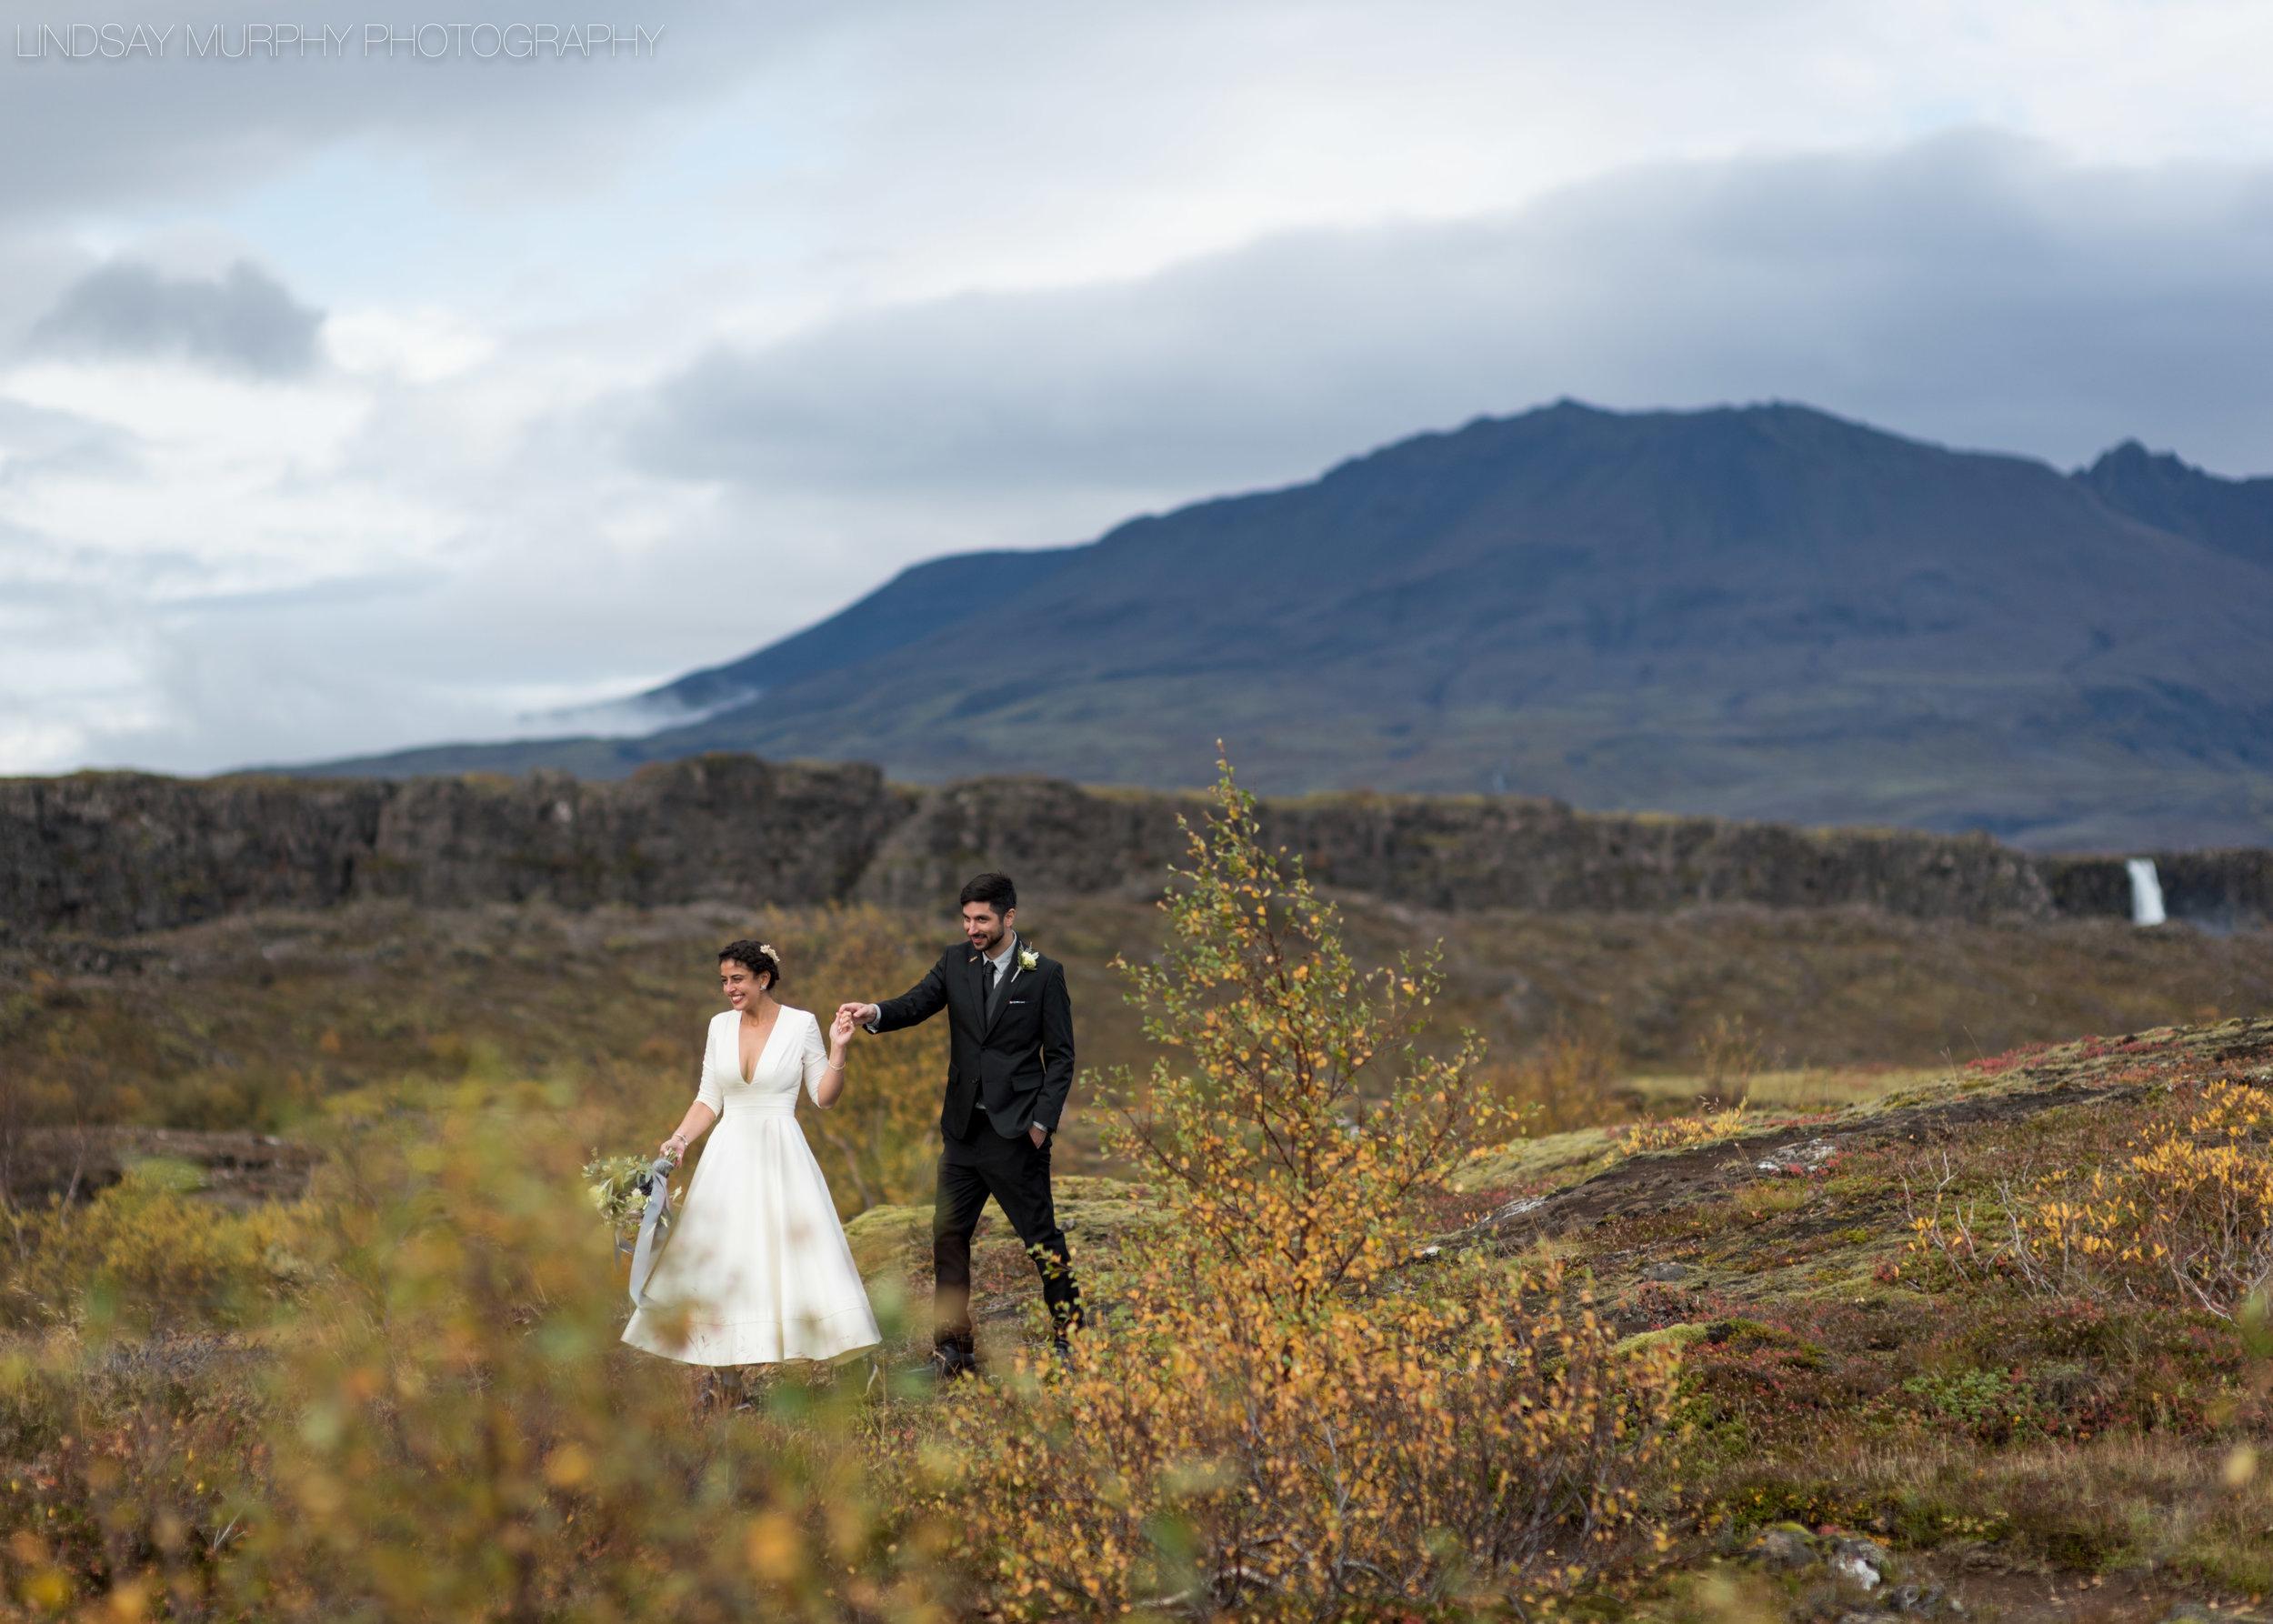 Destination_Iceland_Adventure_Wedding-396.jpg